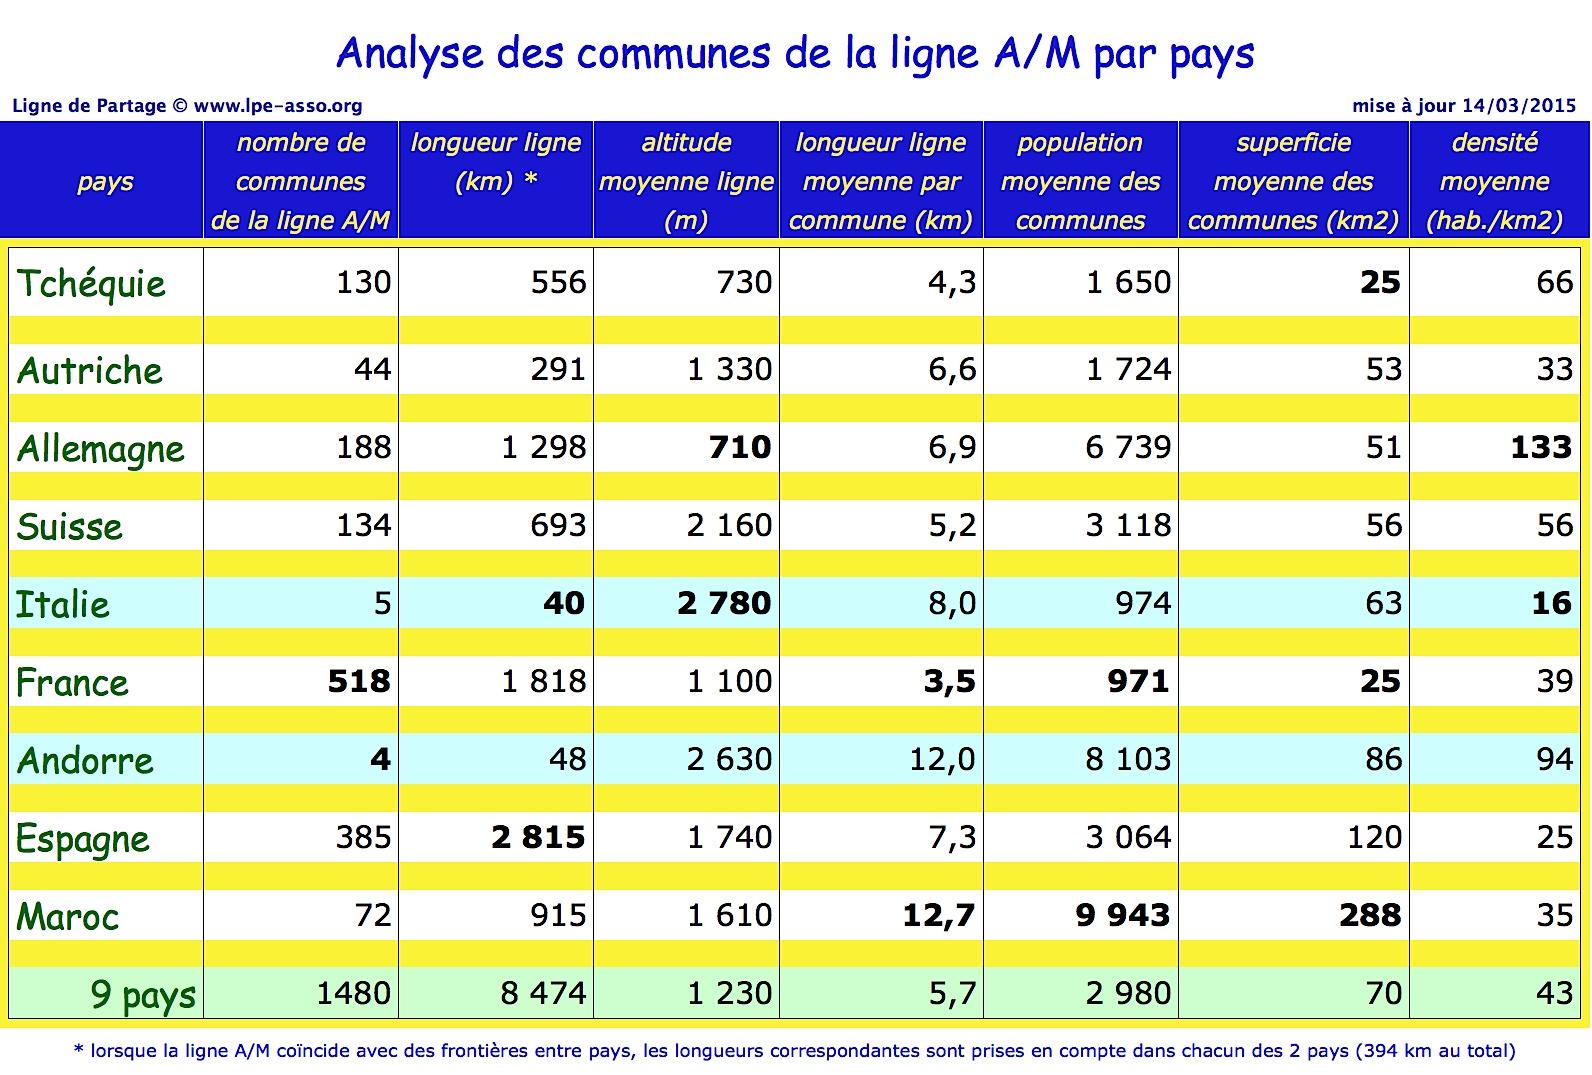 tableau-danalyse-des-communes